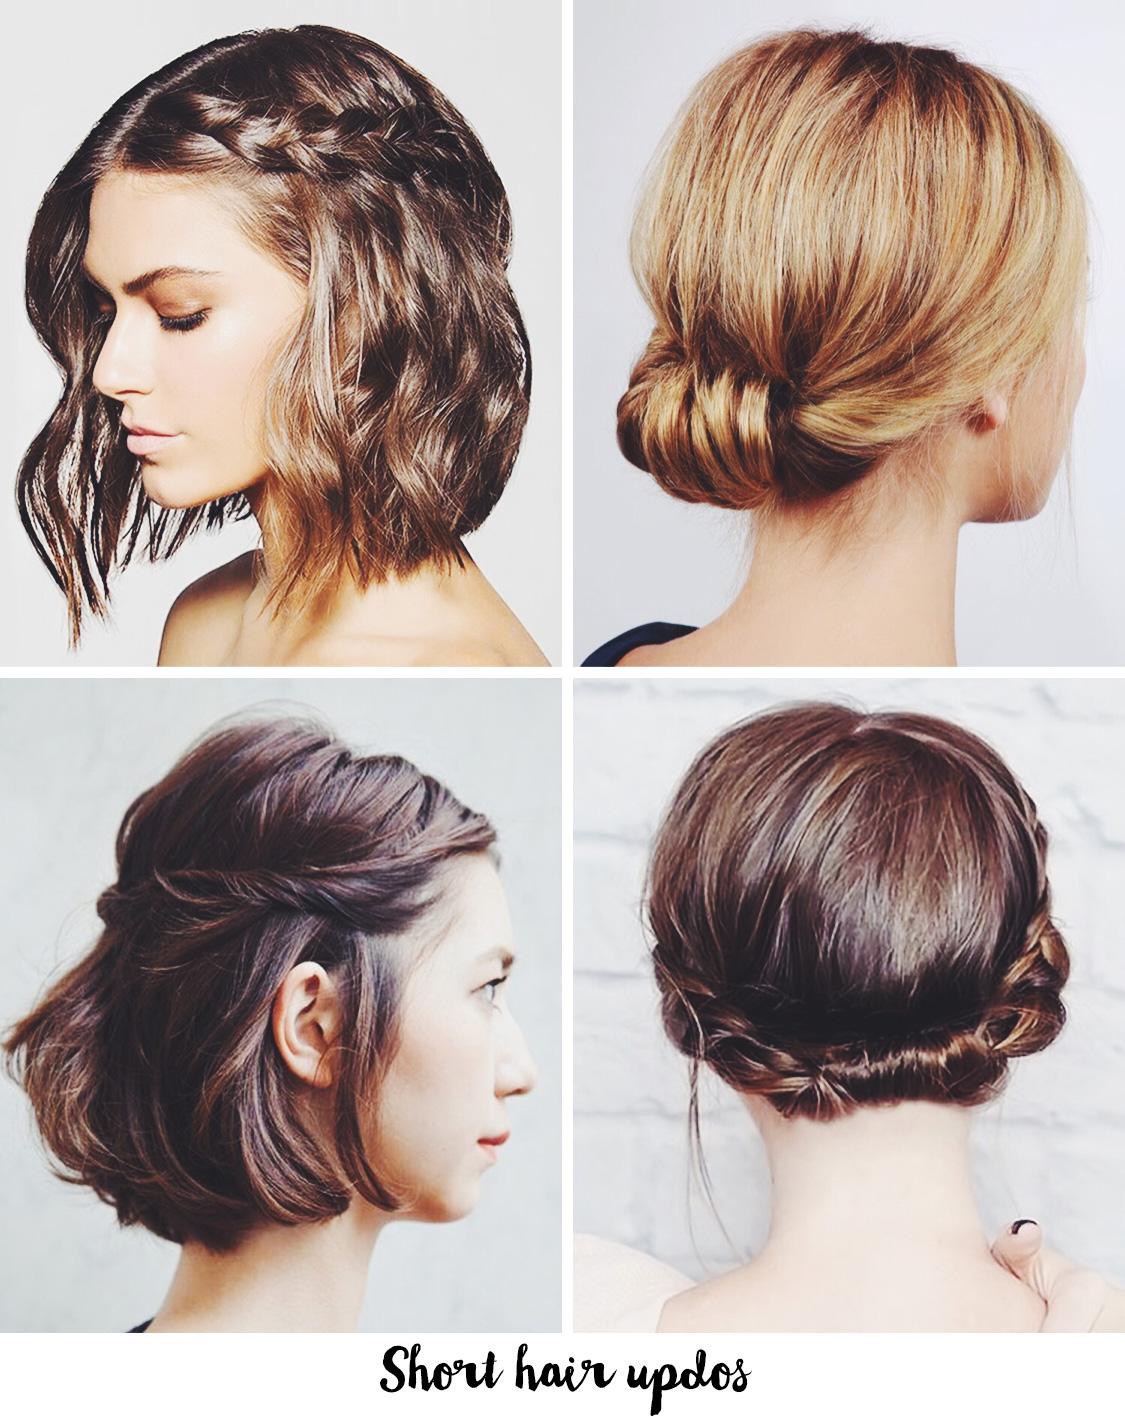 short-hair-kort-hår-frisure